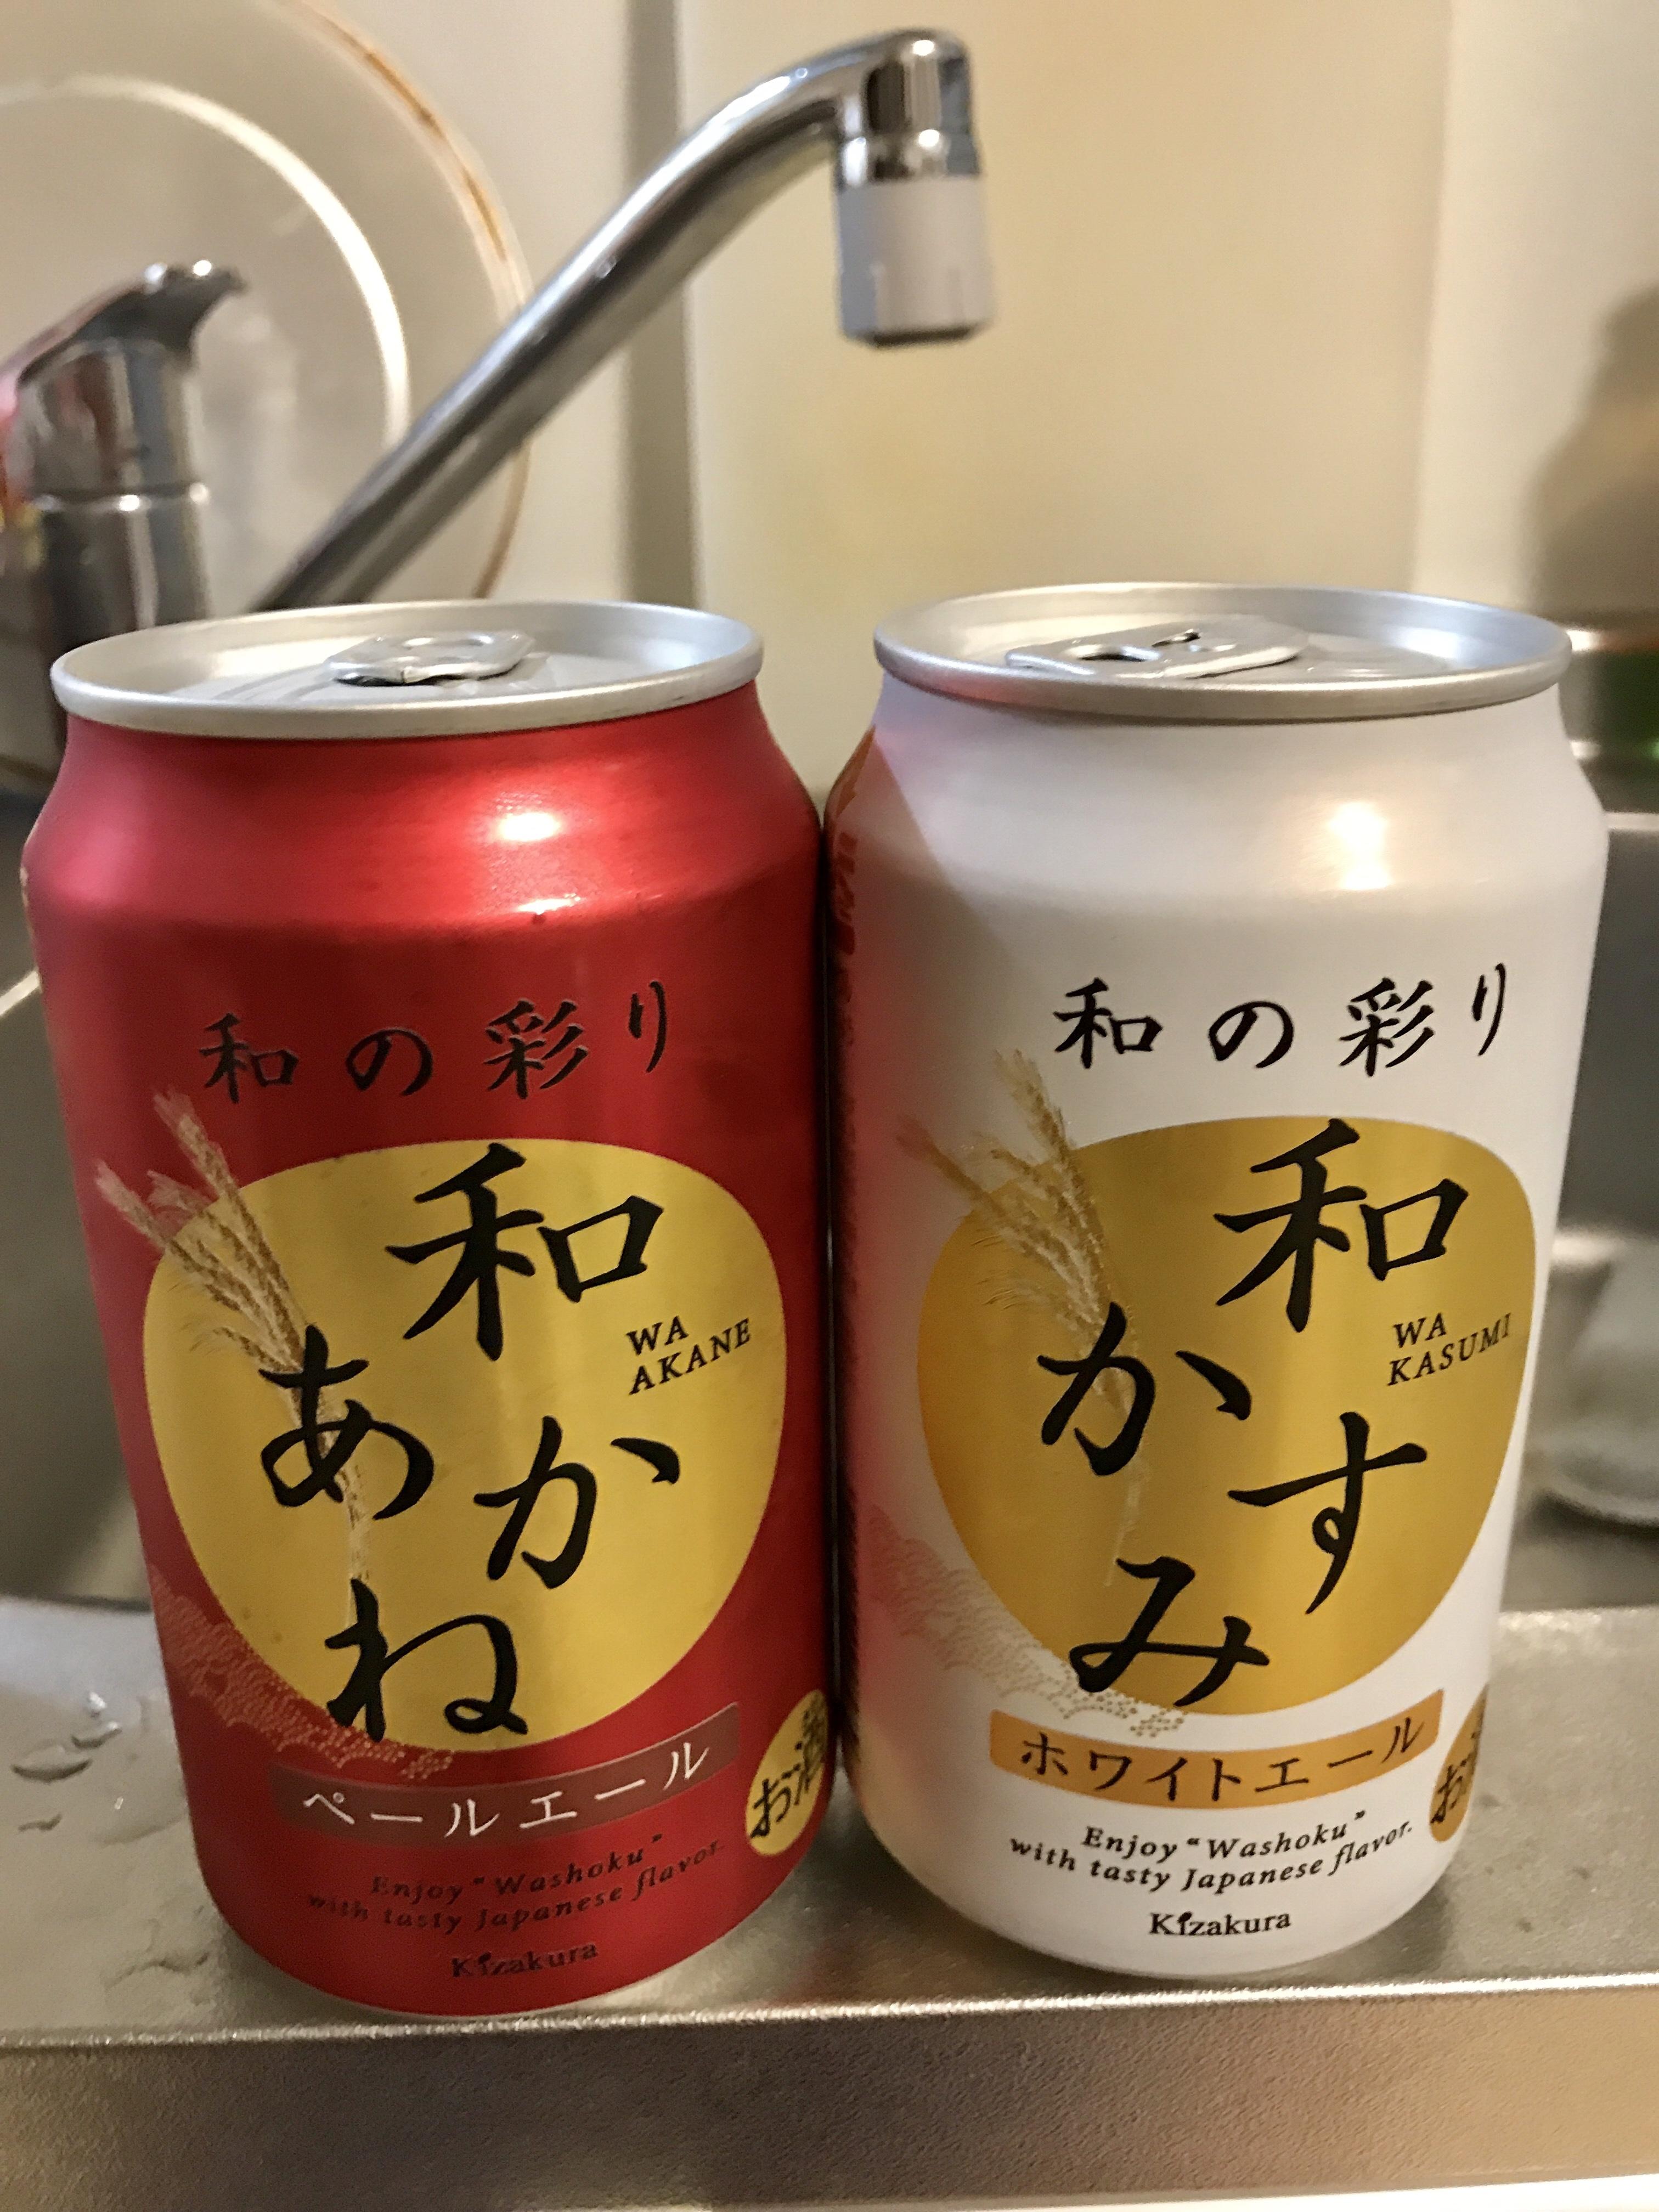 秋だから和テイストなビールが飲みたい -2018年8月・9月のビール記録-